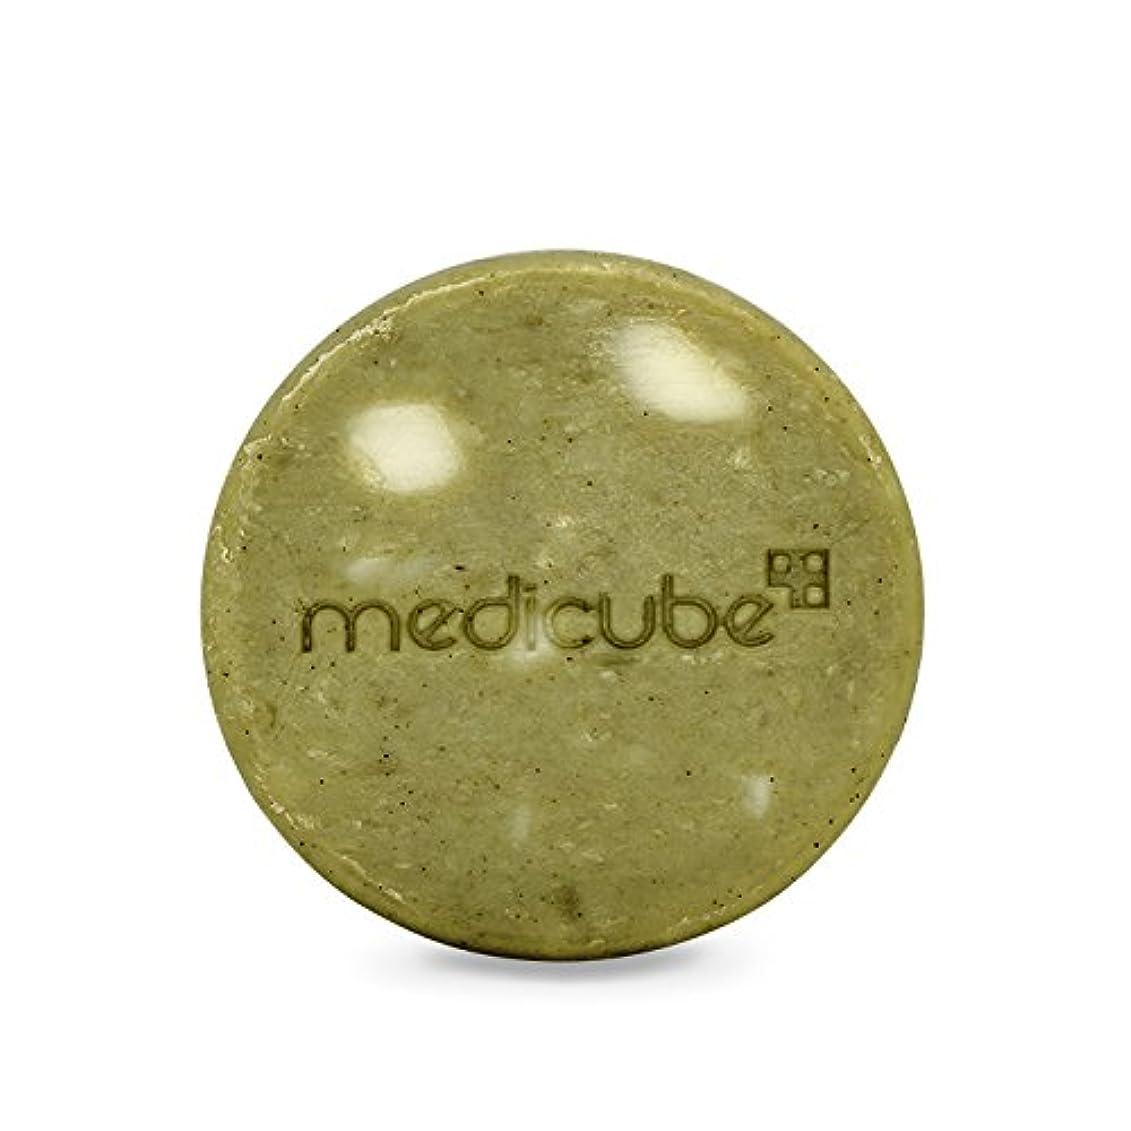 追加自発的バイオリン[Medicube]Red Body Bar / メディキューブレッドボディバー / 正品?海外直送商品 [並行輸入品]